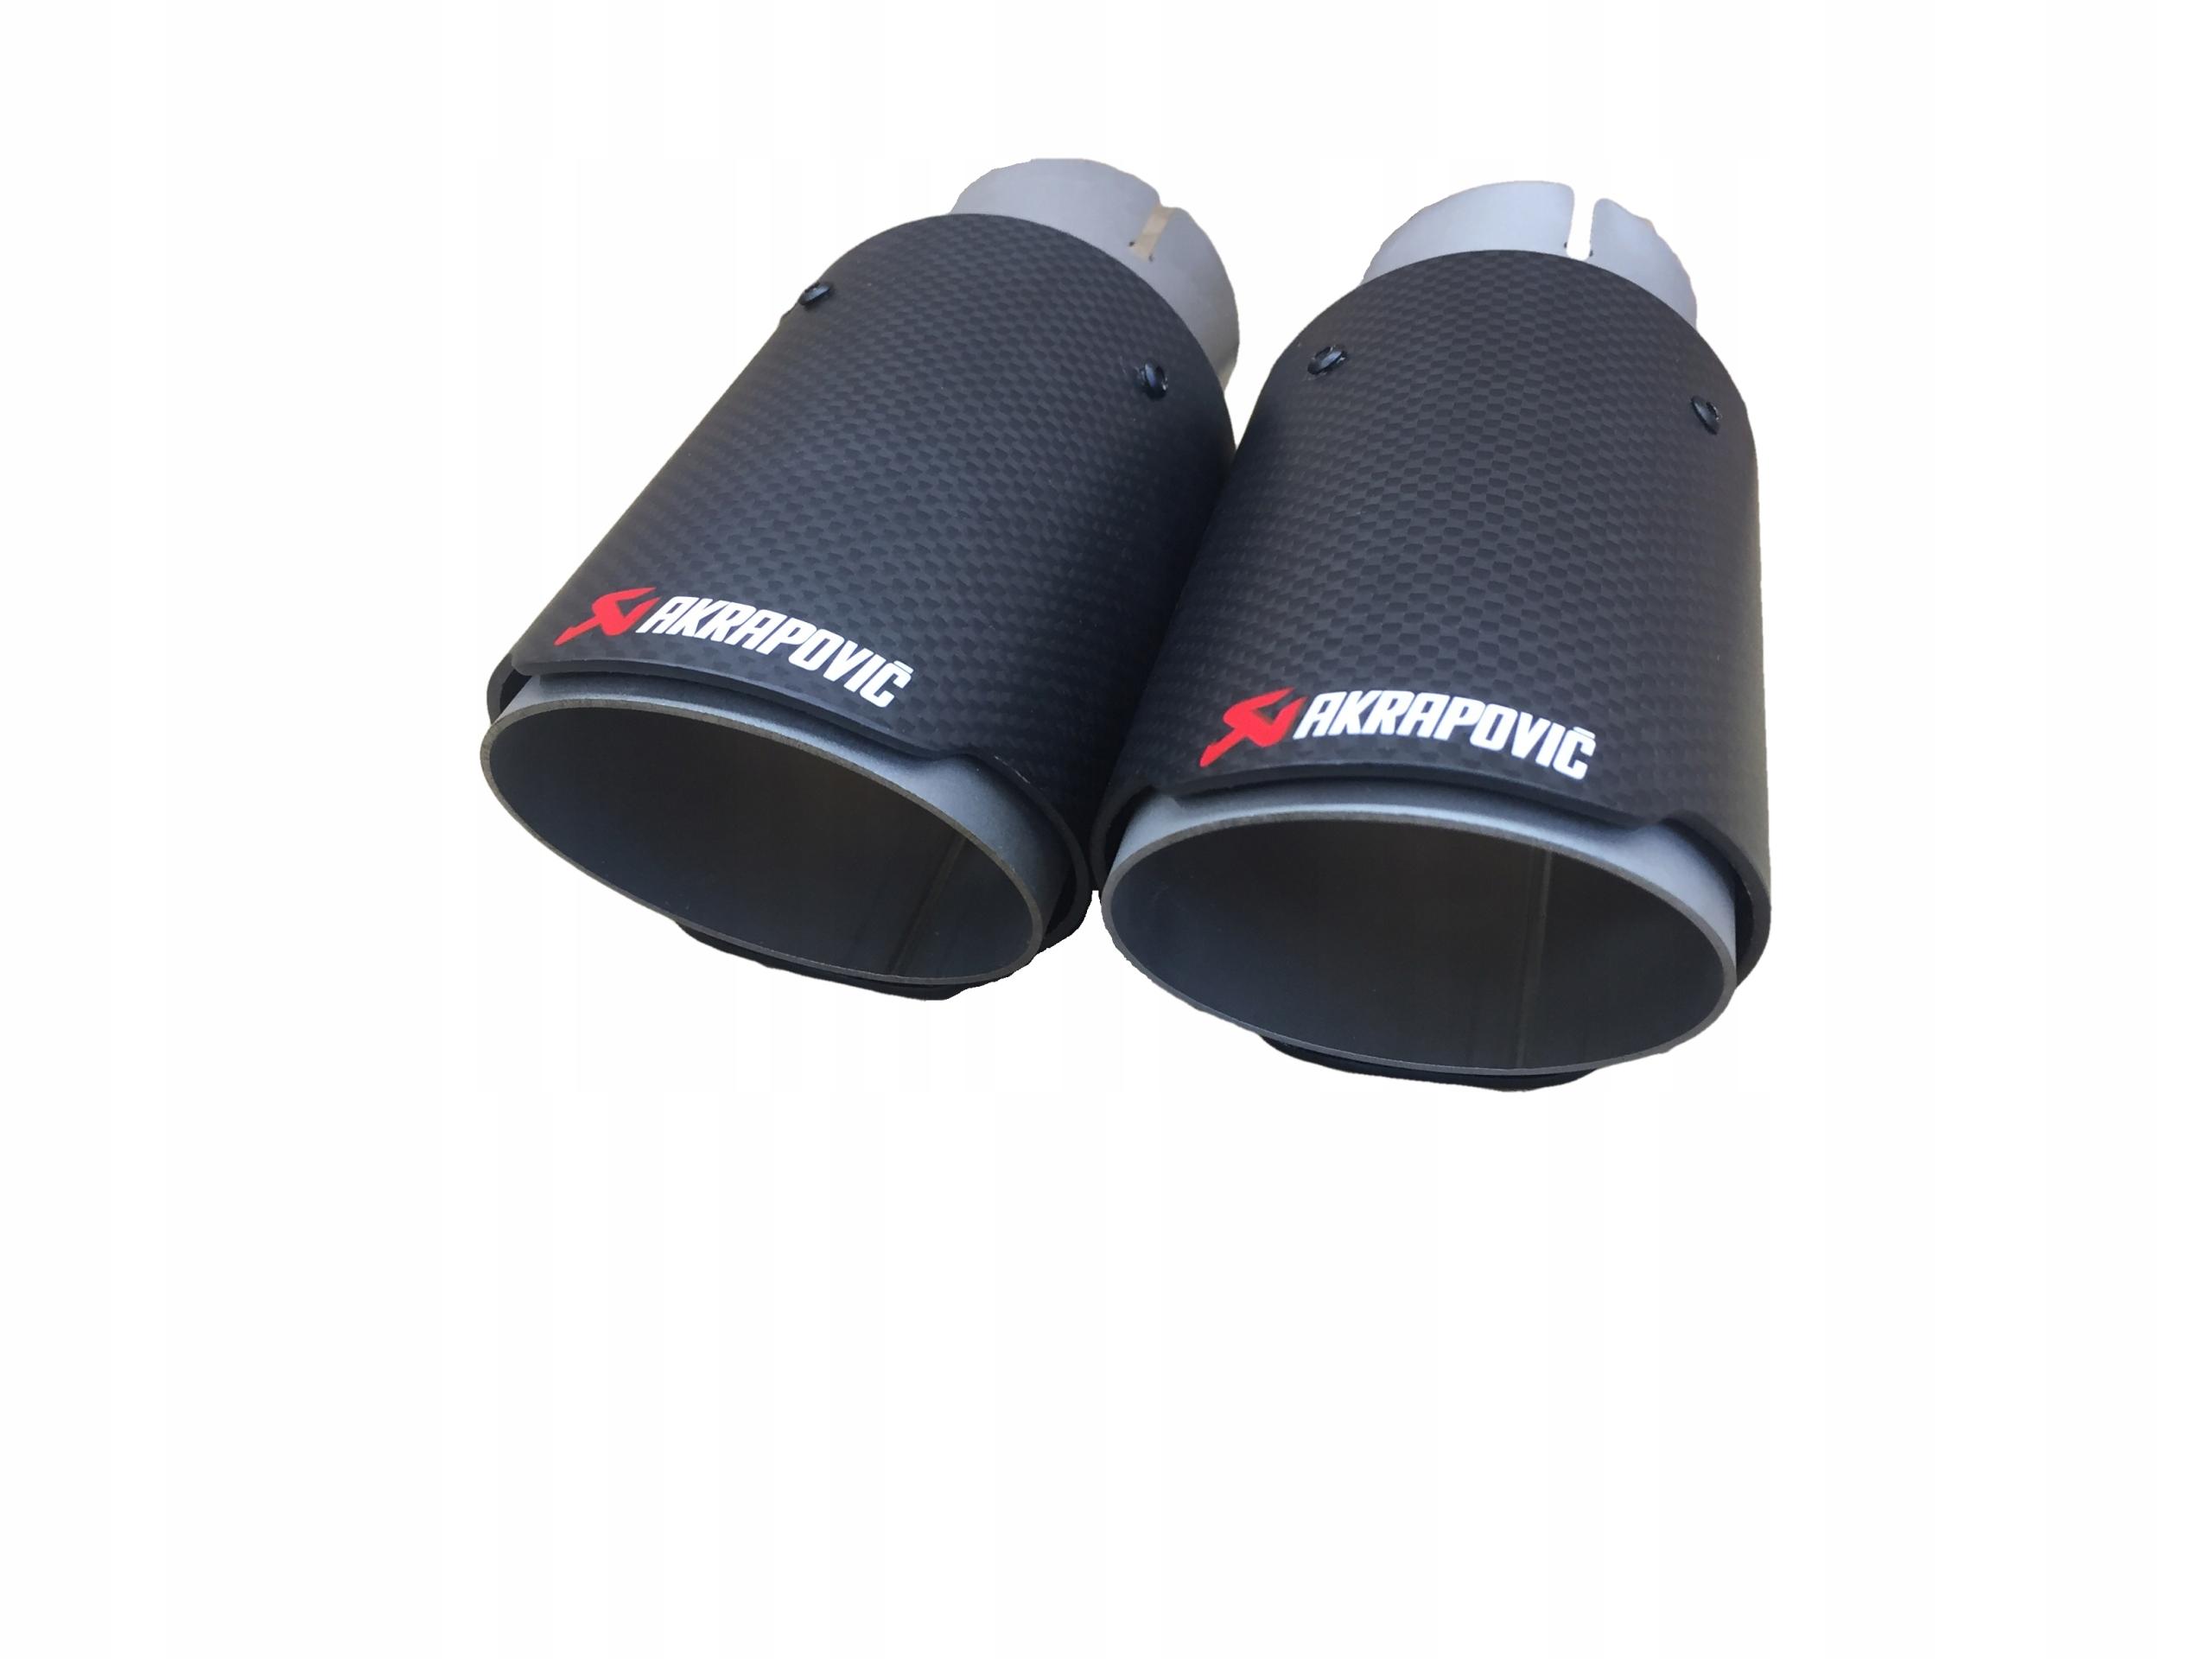 наконечники глушителя выдохе akrapovic 6078mm